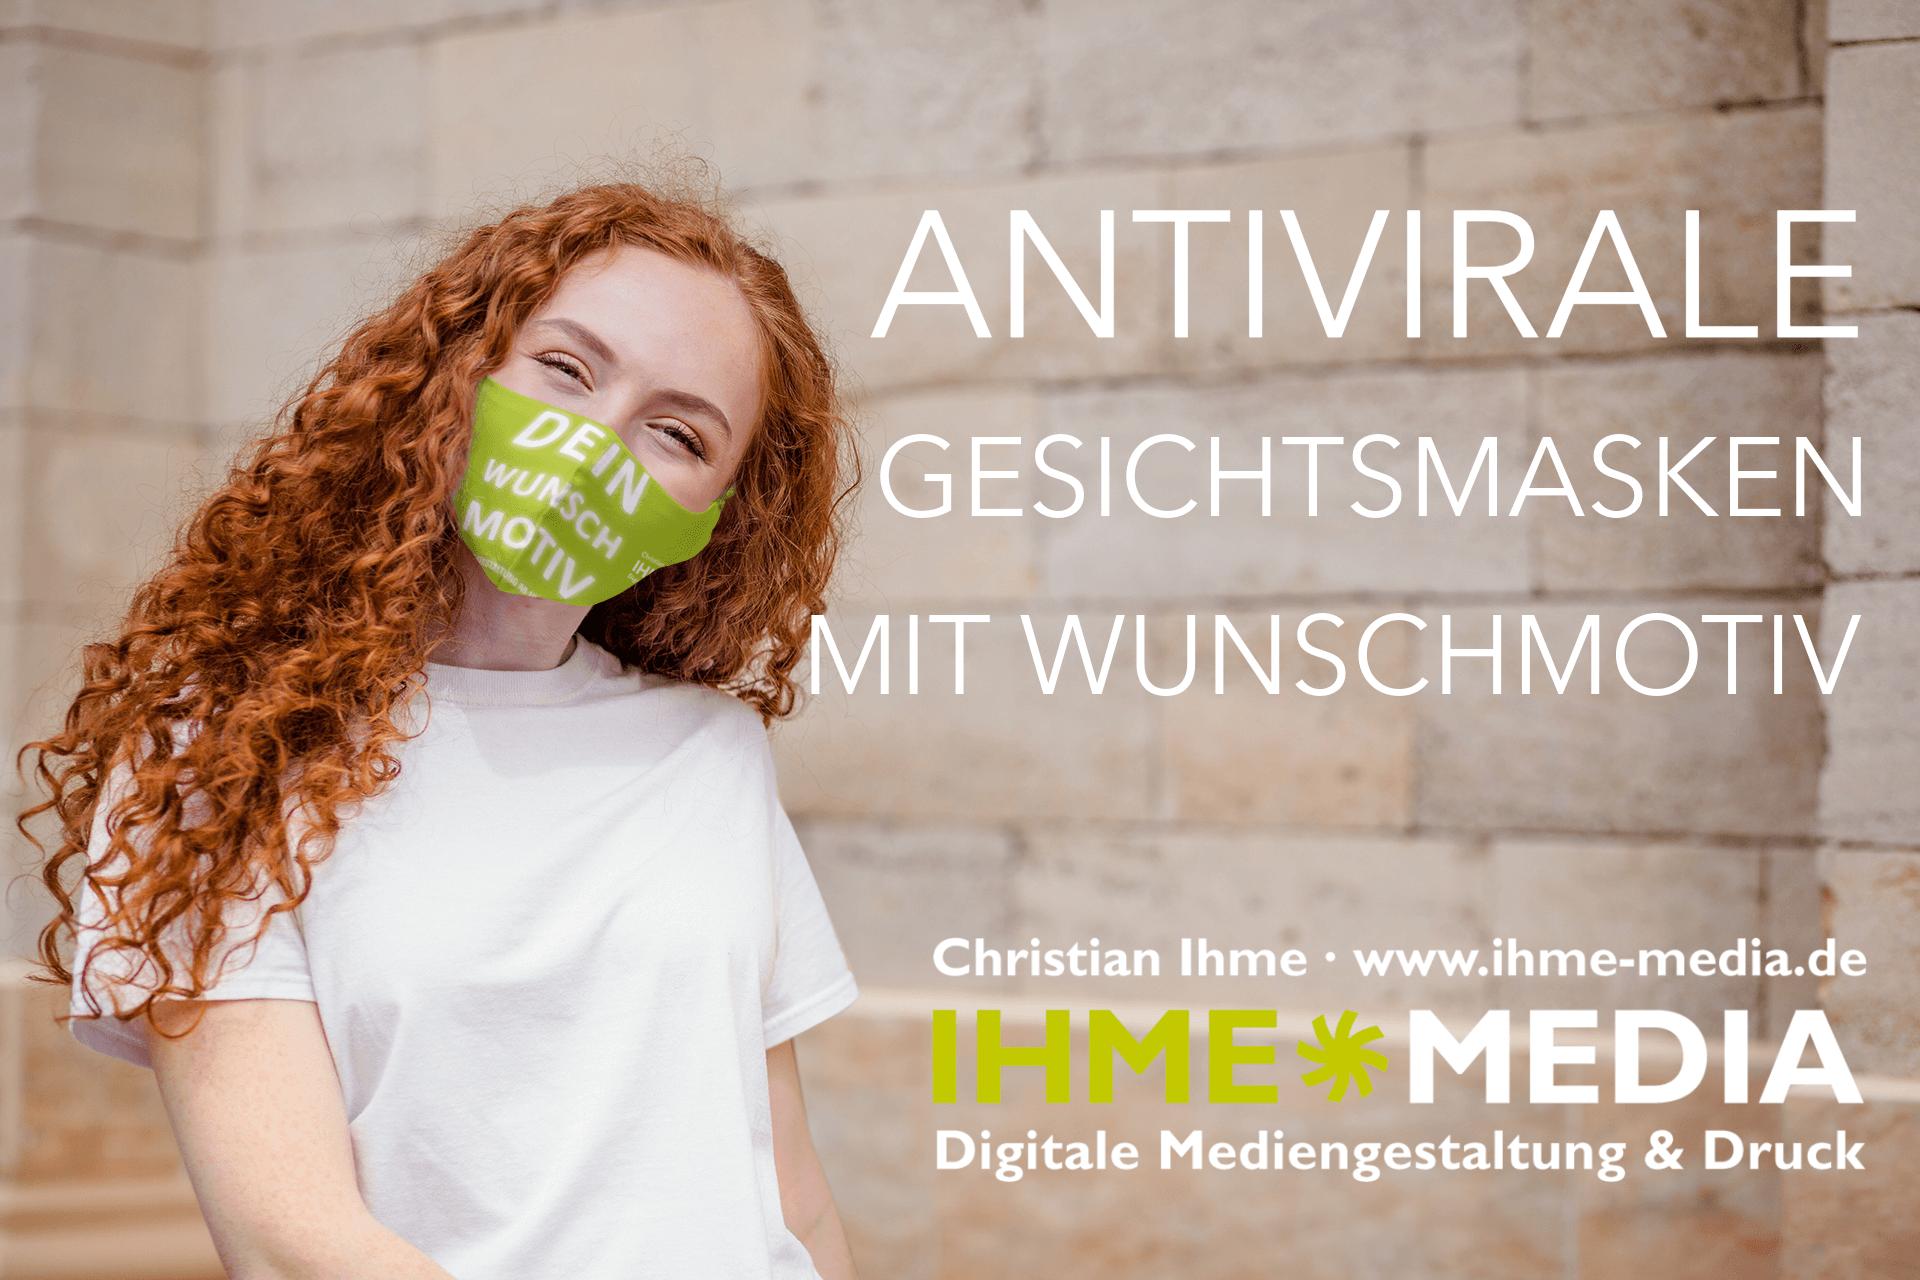 Junge Frau mit antiviraler Gesichtsmaske